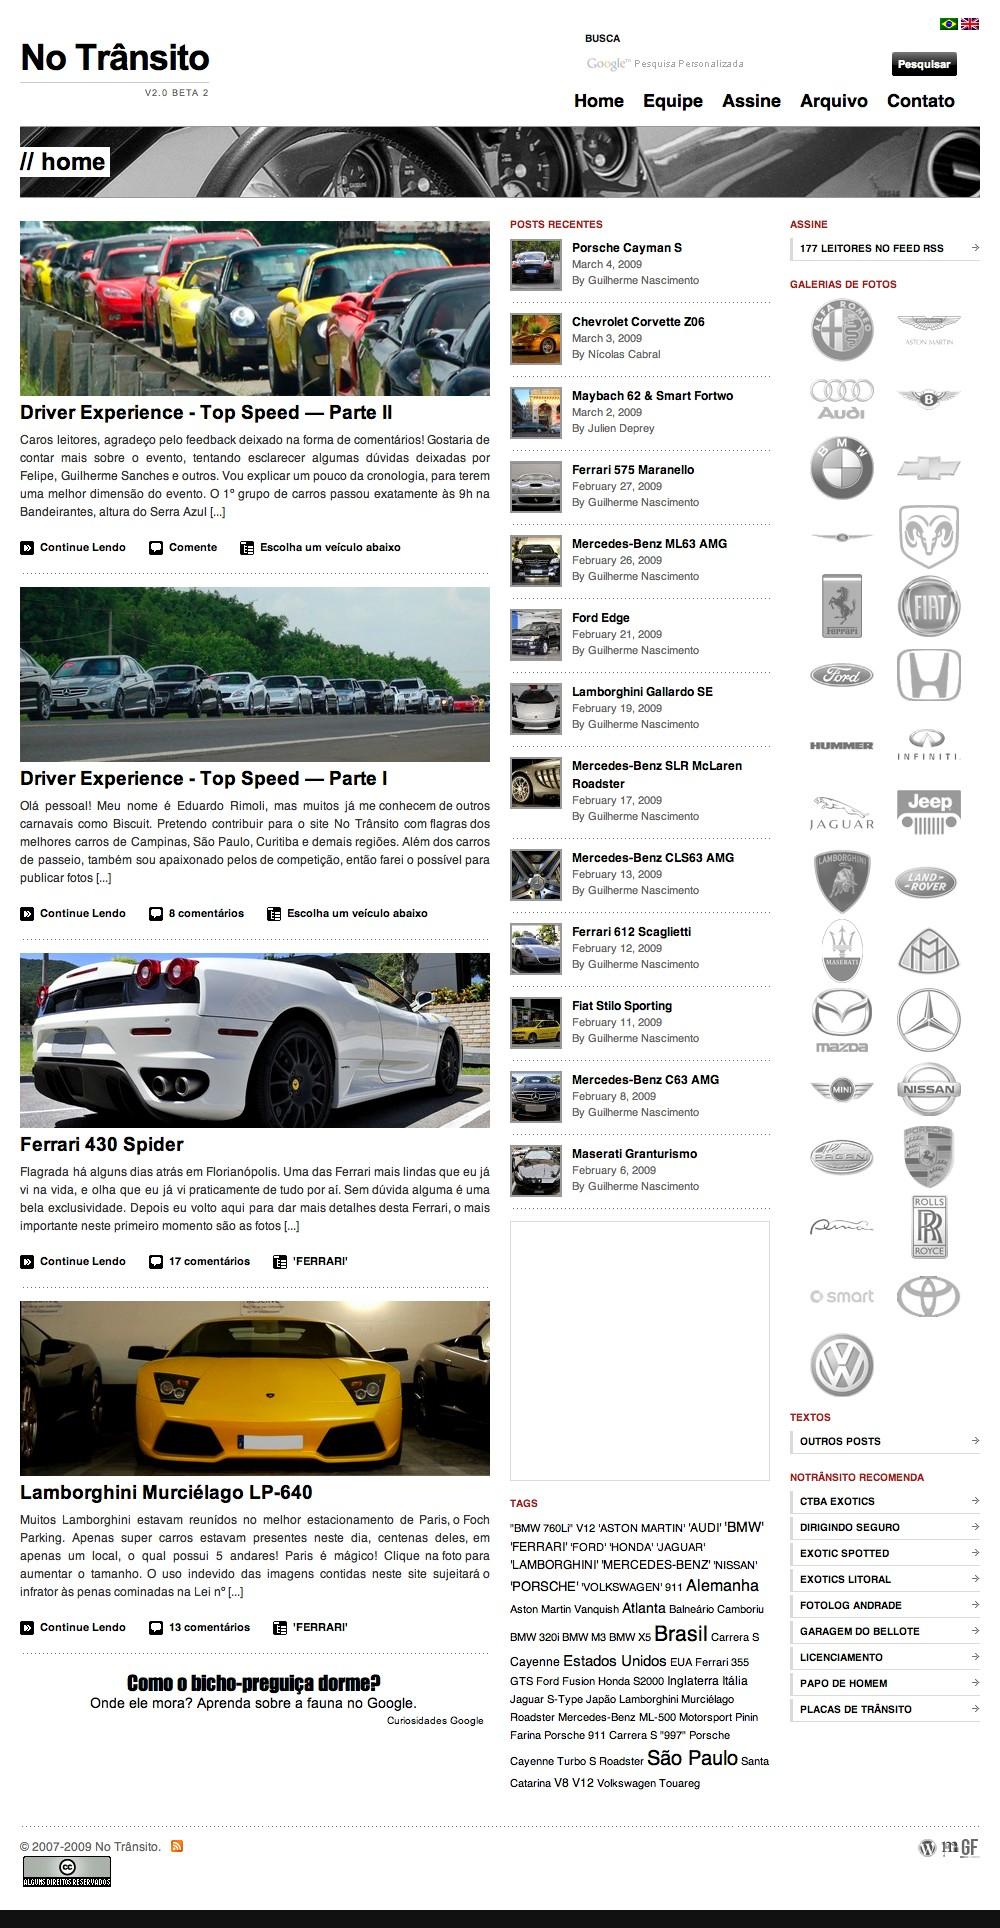 No Trânsito 2.0 que foi introduzido em março de 2009, com novo layout, mais conteúdo, colaboradores, entre outras novidades...